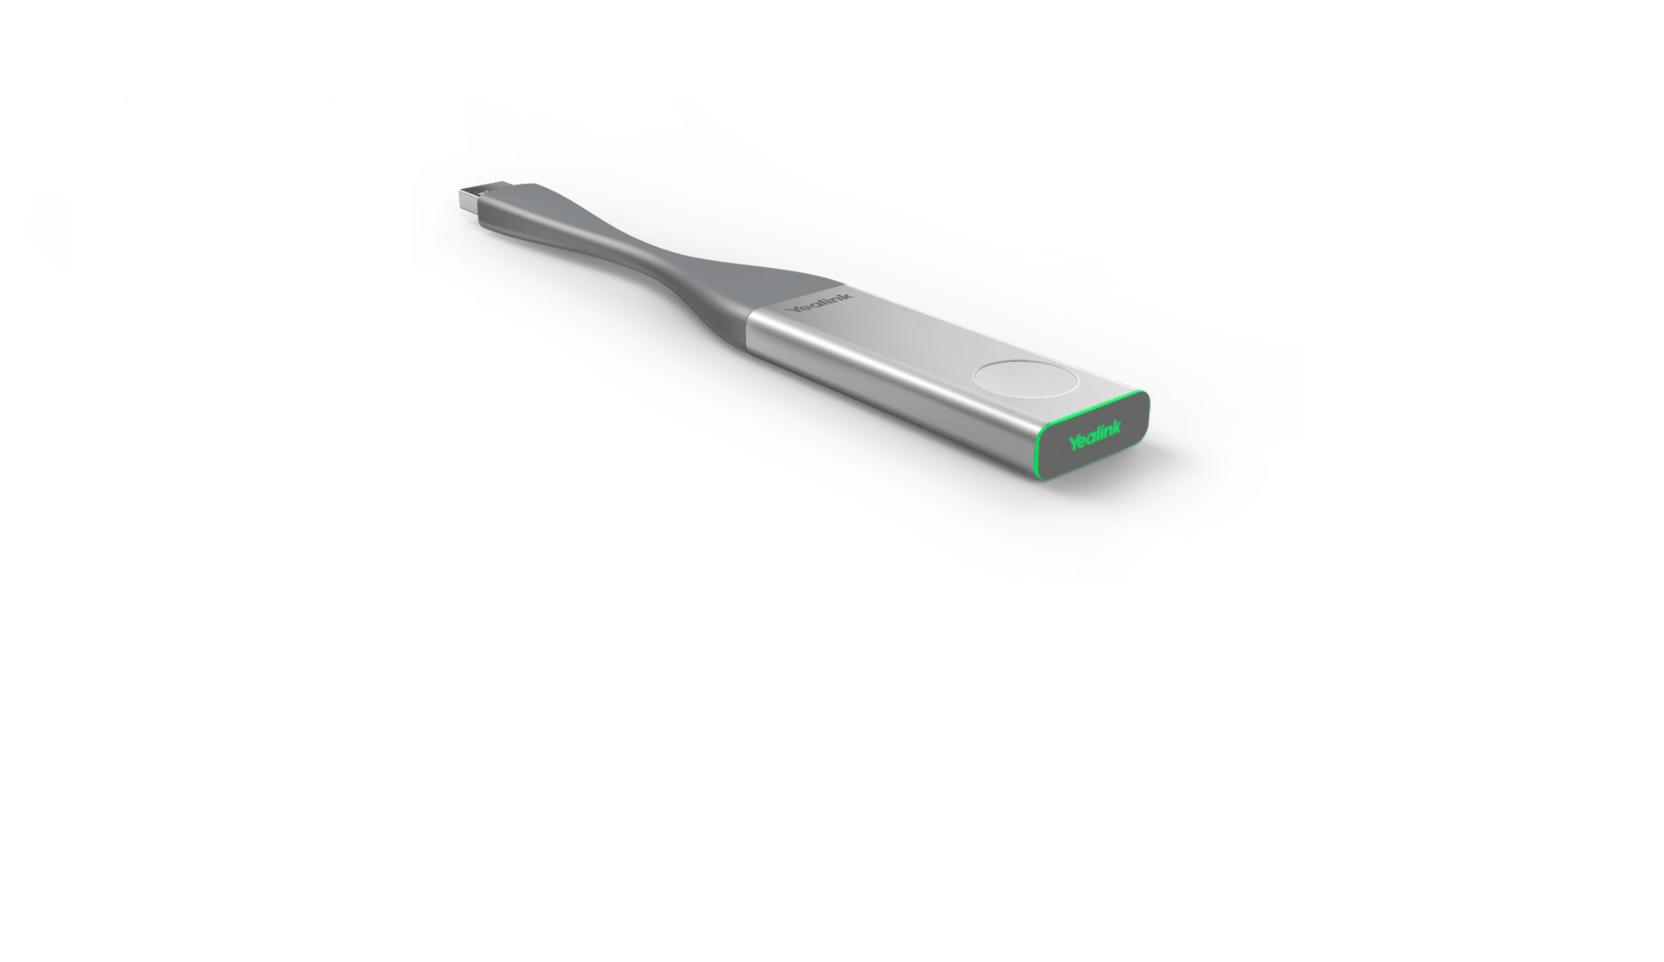 moduł USB do bezprzewodowego przesyłania treści z komputera na wideoterminale Yealink WPP20